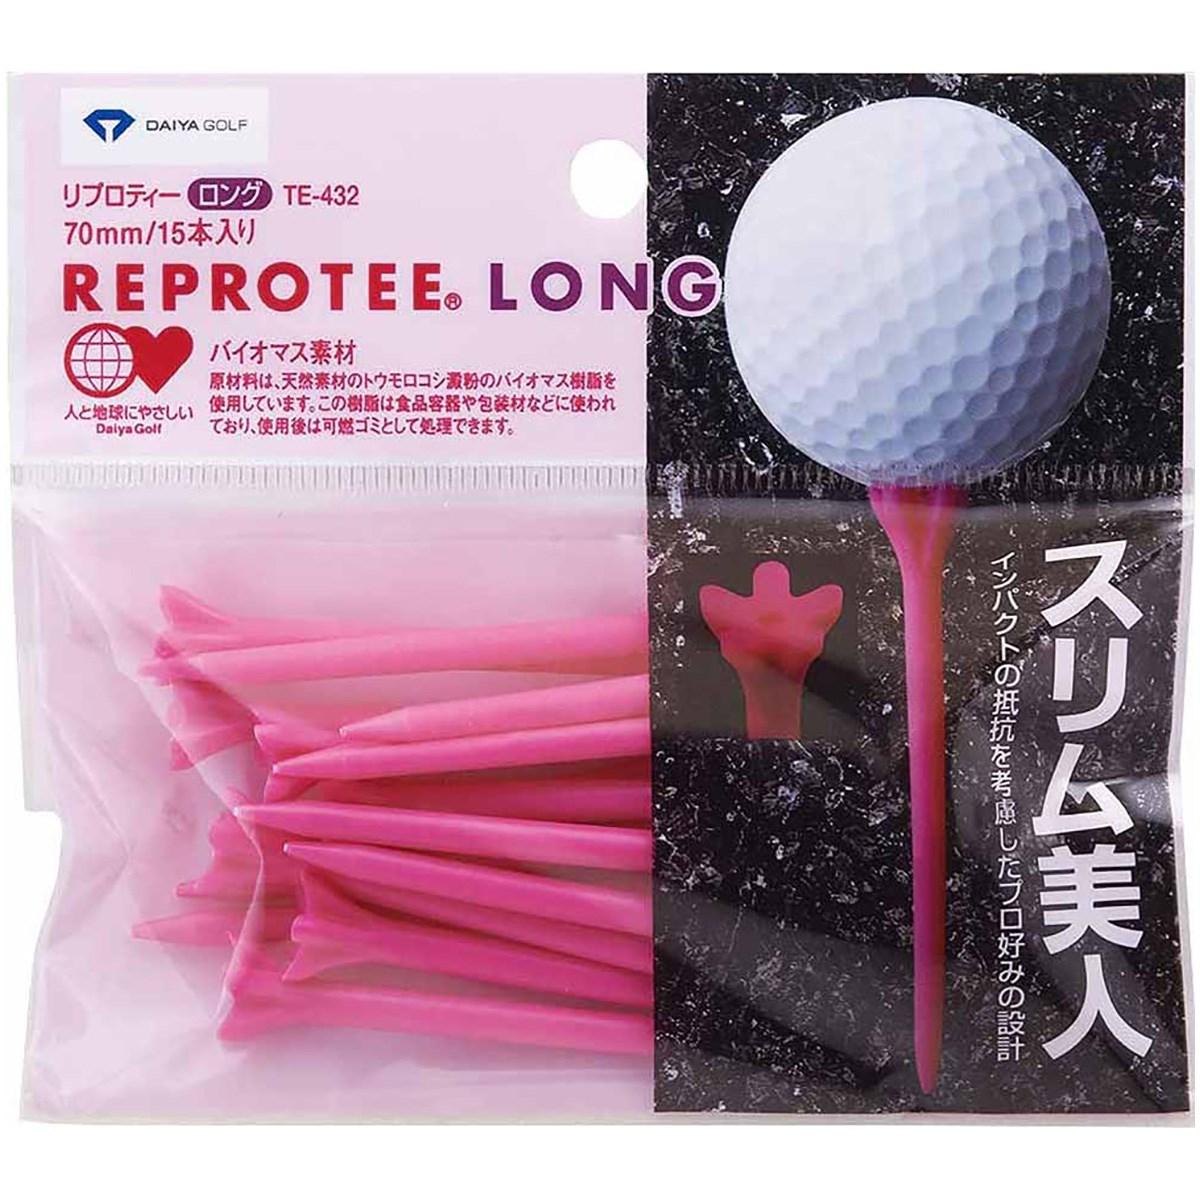 ダイヤゴルフ DAIYA GOLF リプロティー ロング70mm ピンク